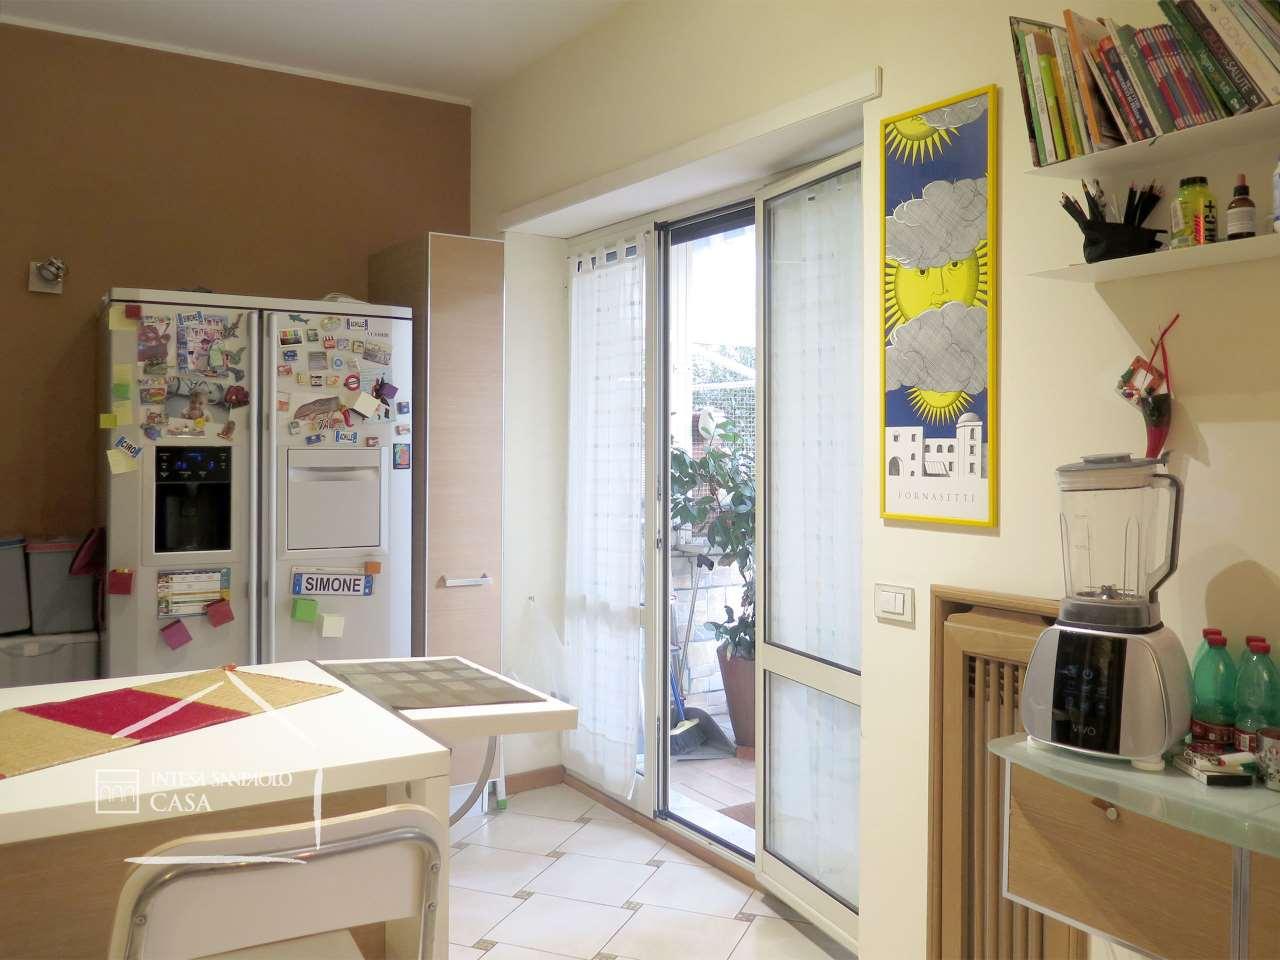 Appartamento in Vendita a Napoli: 4 locali, 121 mq - Foto 6